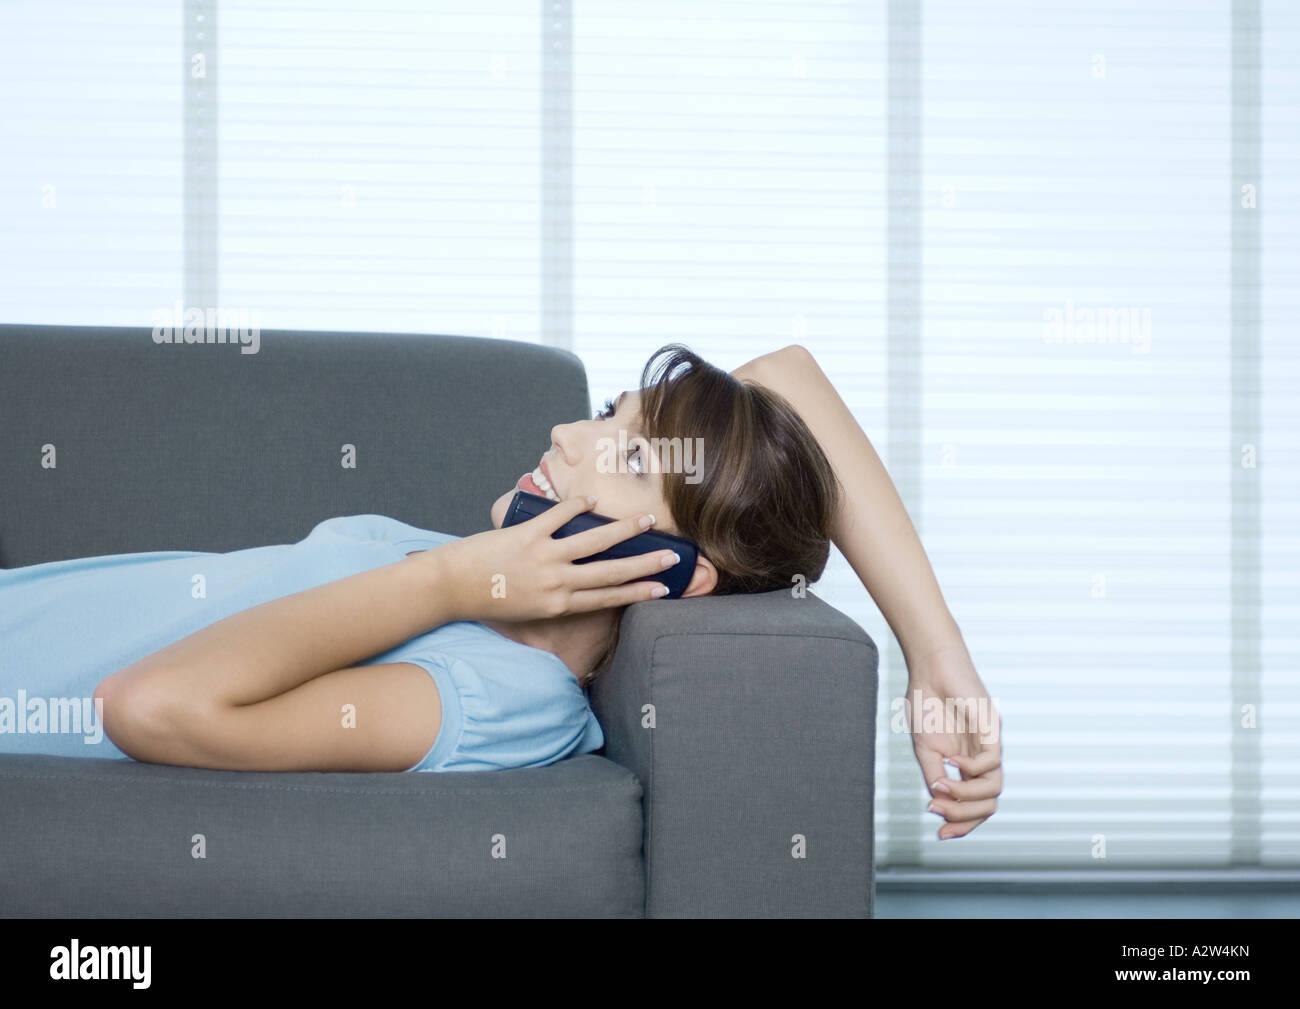 Femme allongée sur un canapé, parlant au téléphone Photo Stock